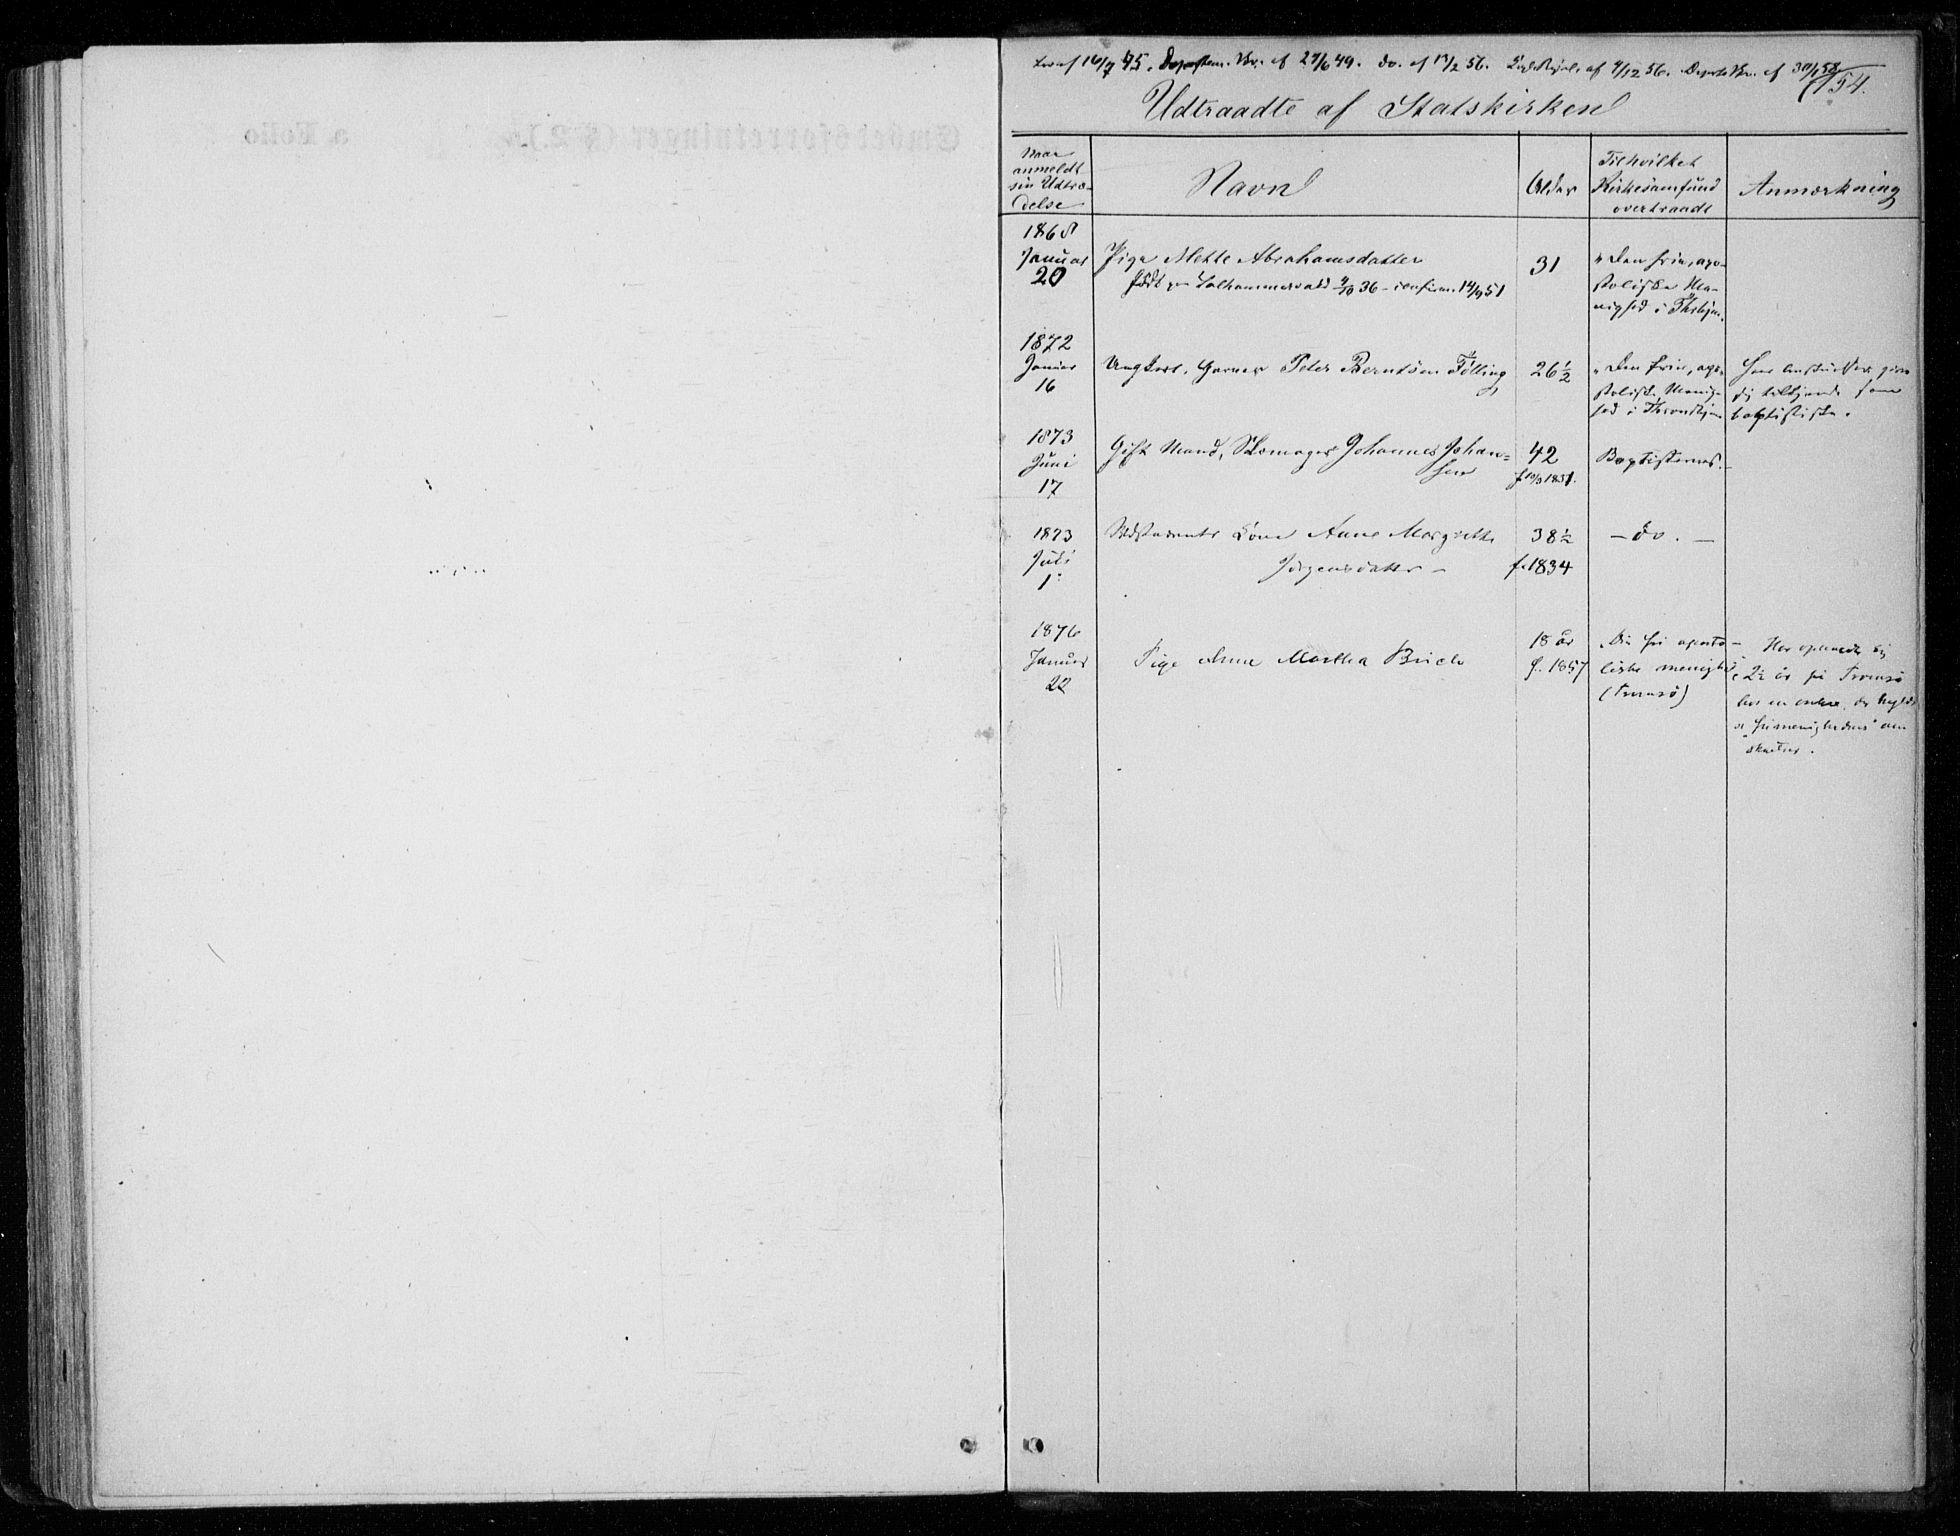 SAT, Ministerialprotokoller, klokkerbøker og fødselsregistre - Nord-Trøndelag, 720/L0186: Ministerialbok nr. 720A03, 1864-1874, s. 154